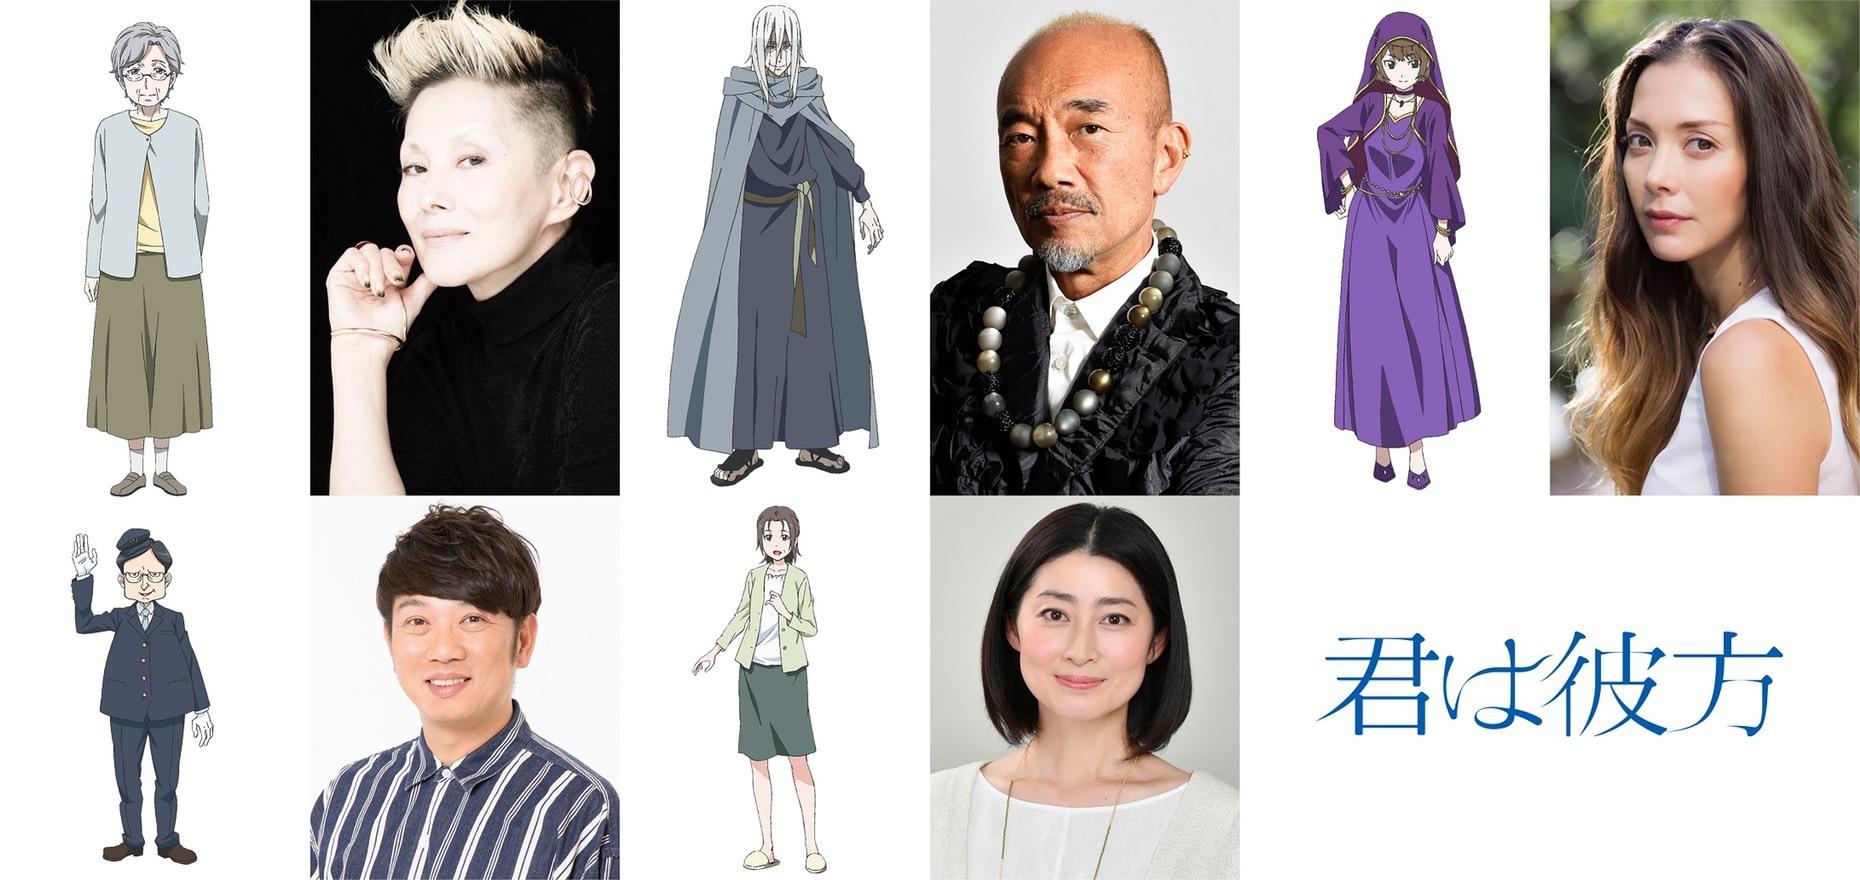 原创剧场版动画《你为彼方》新预告公开,11月27日在日本上映-